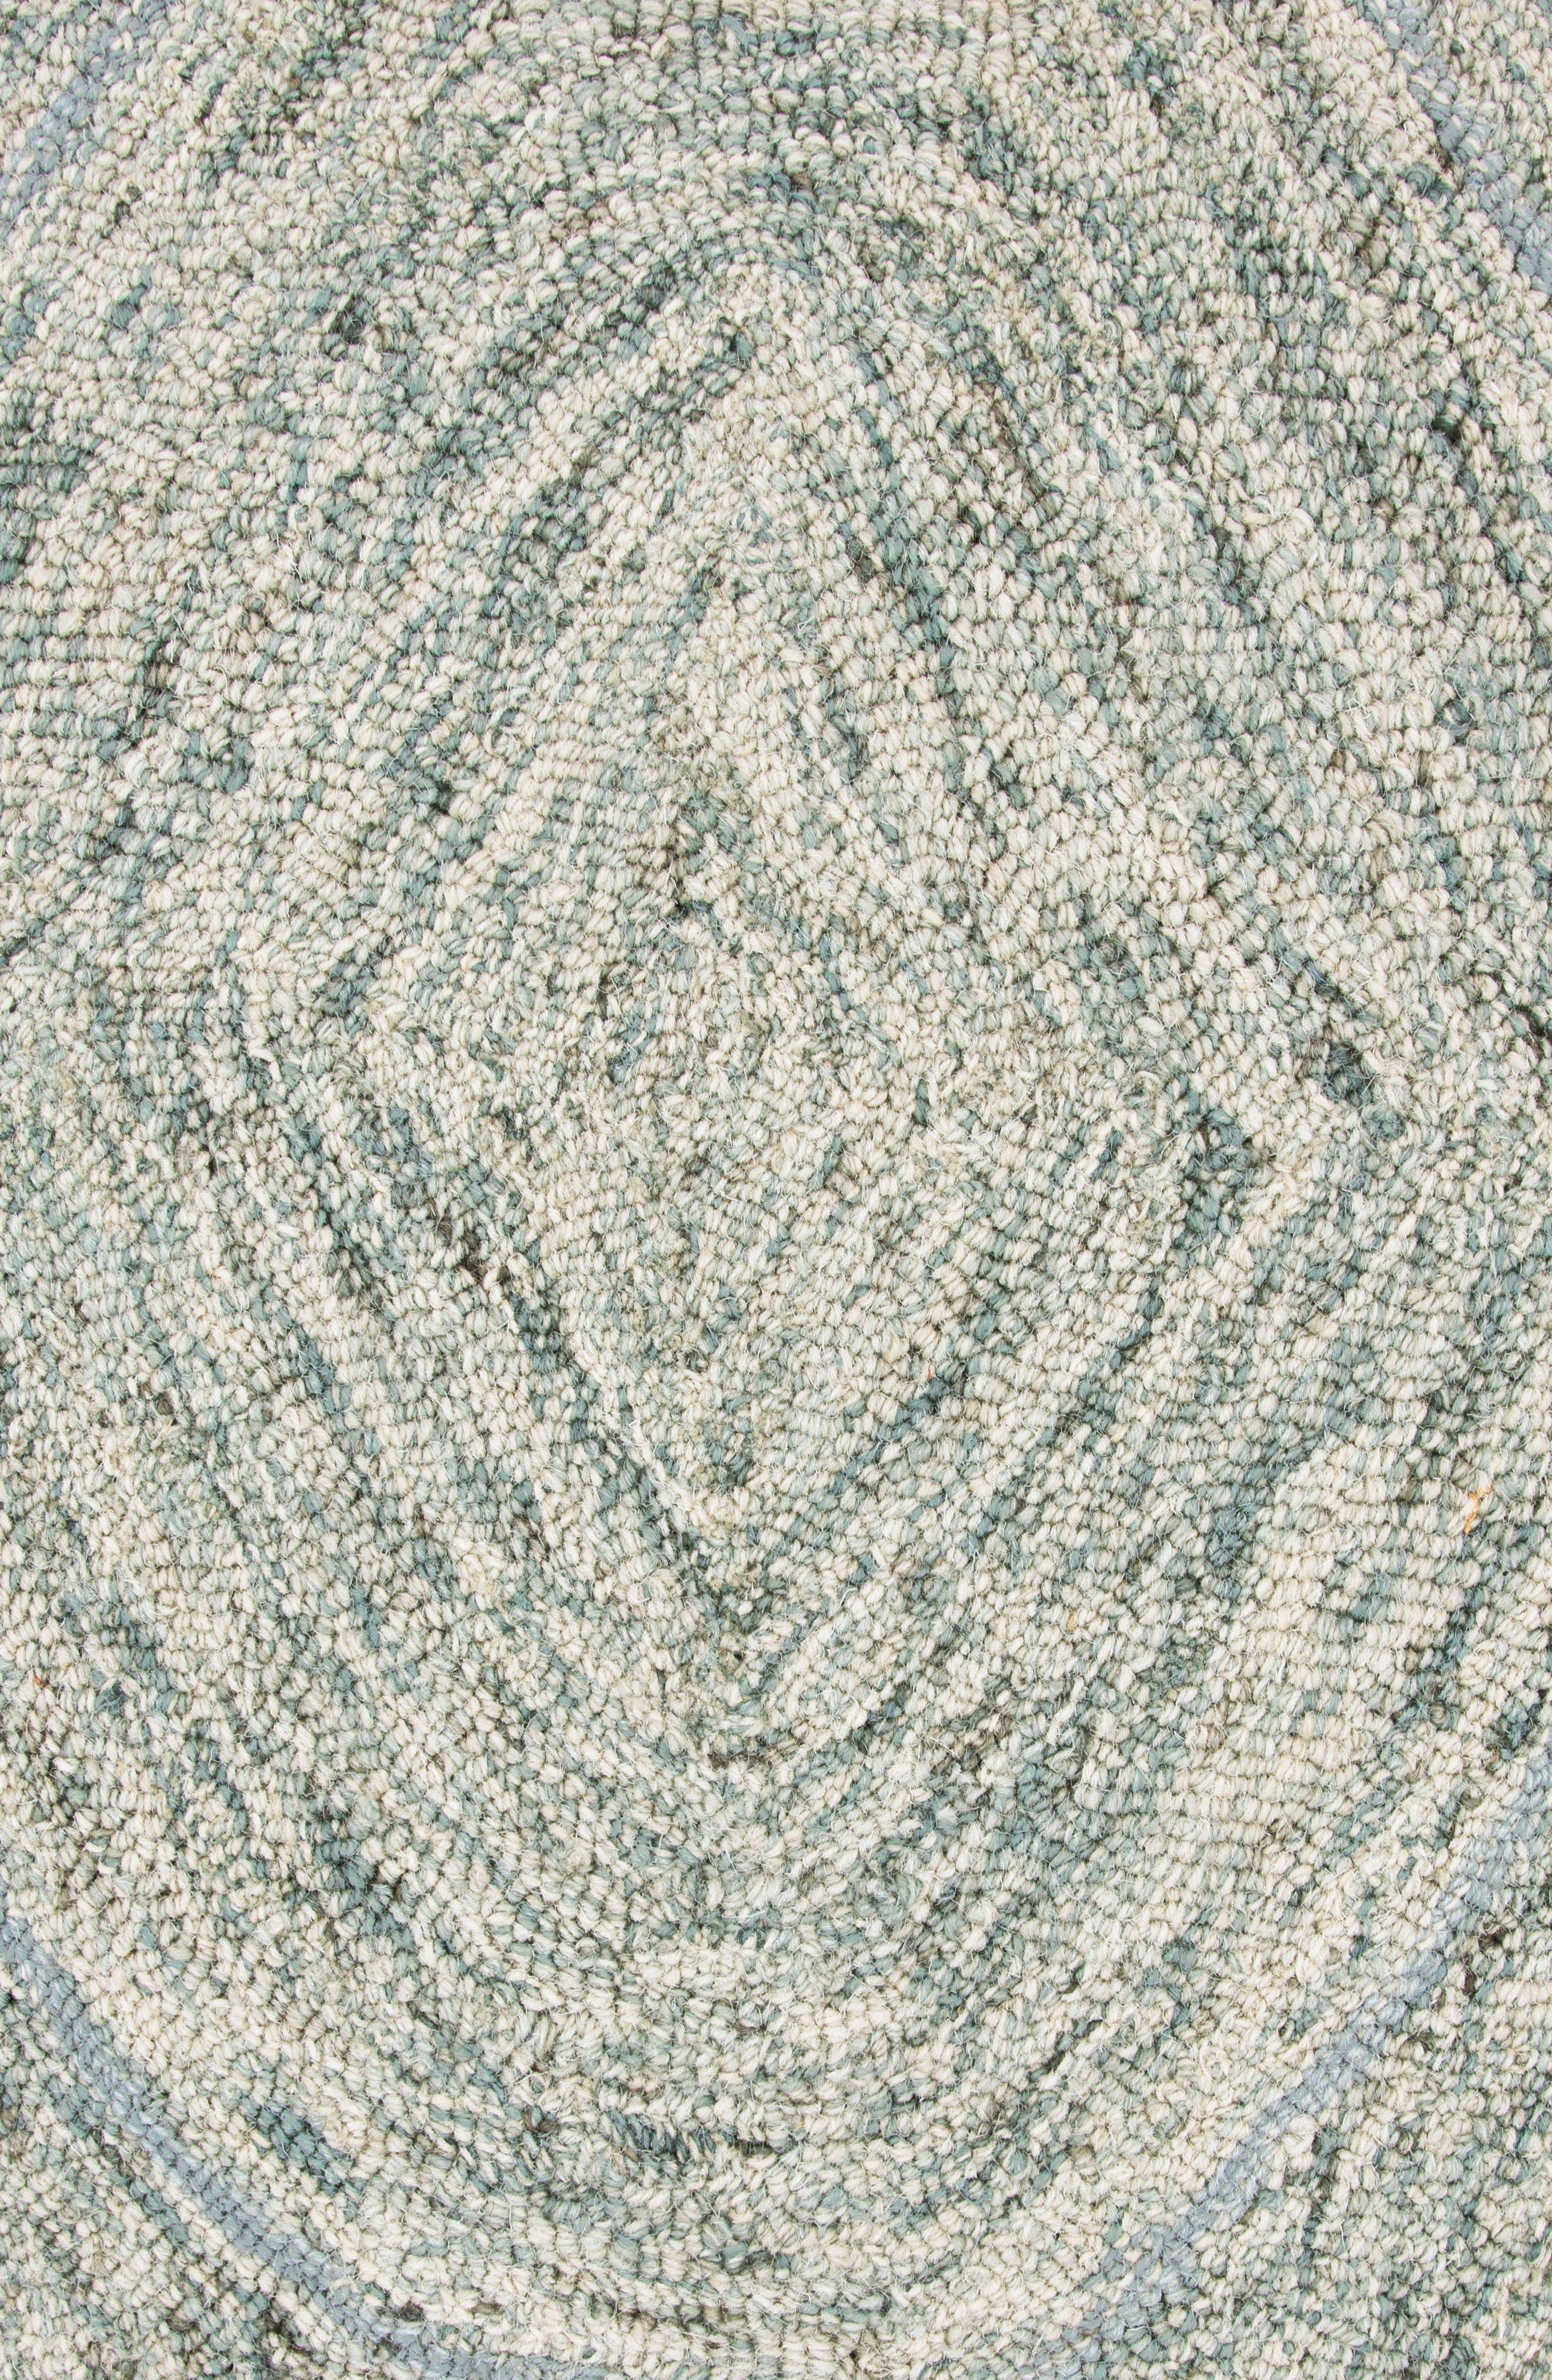 Irregular Diamond Hand Tufted Wool Area Rug,                             Alternate thumbnail 8, color,